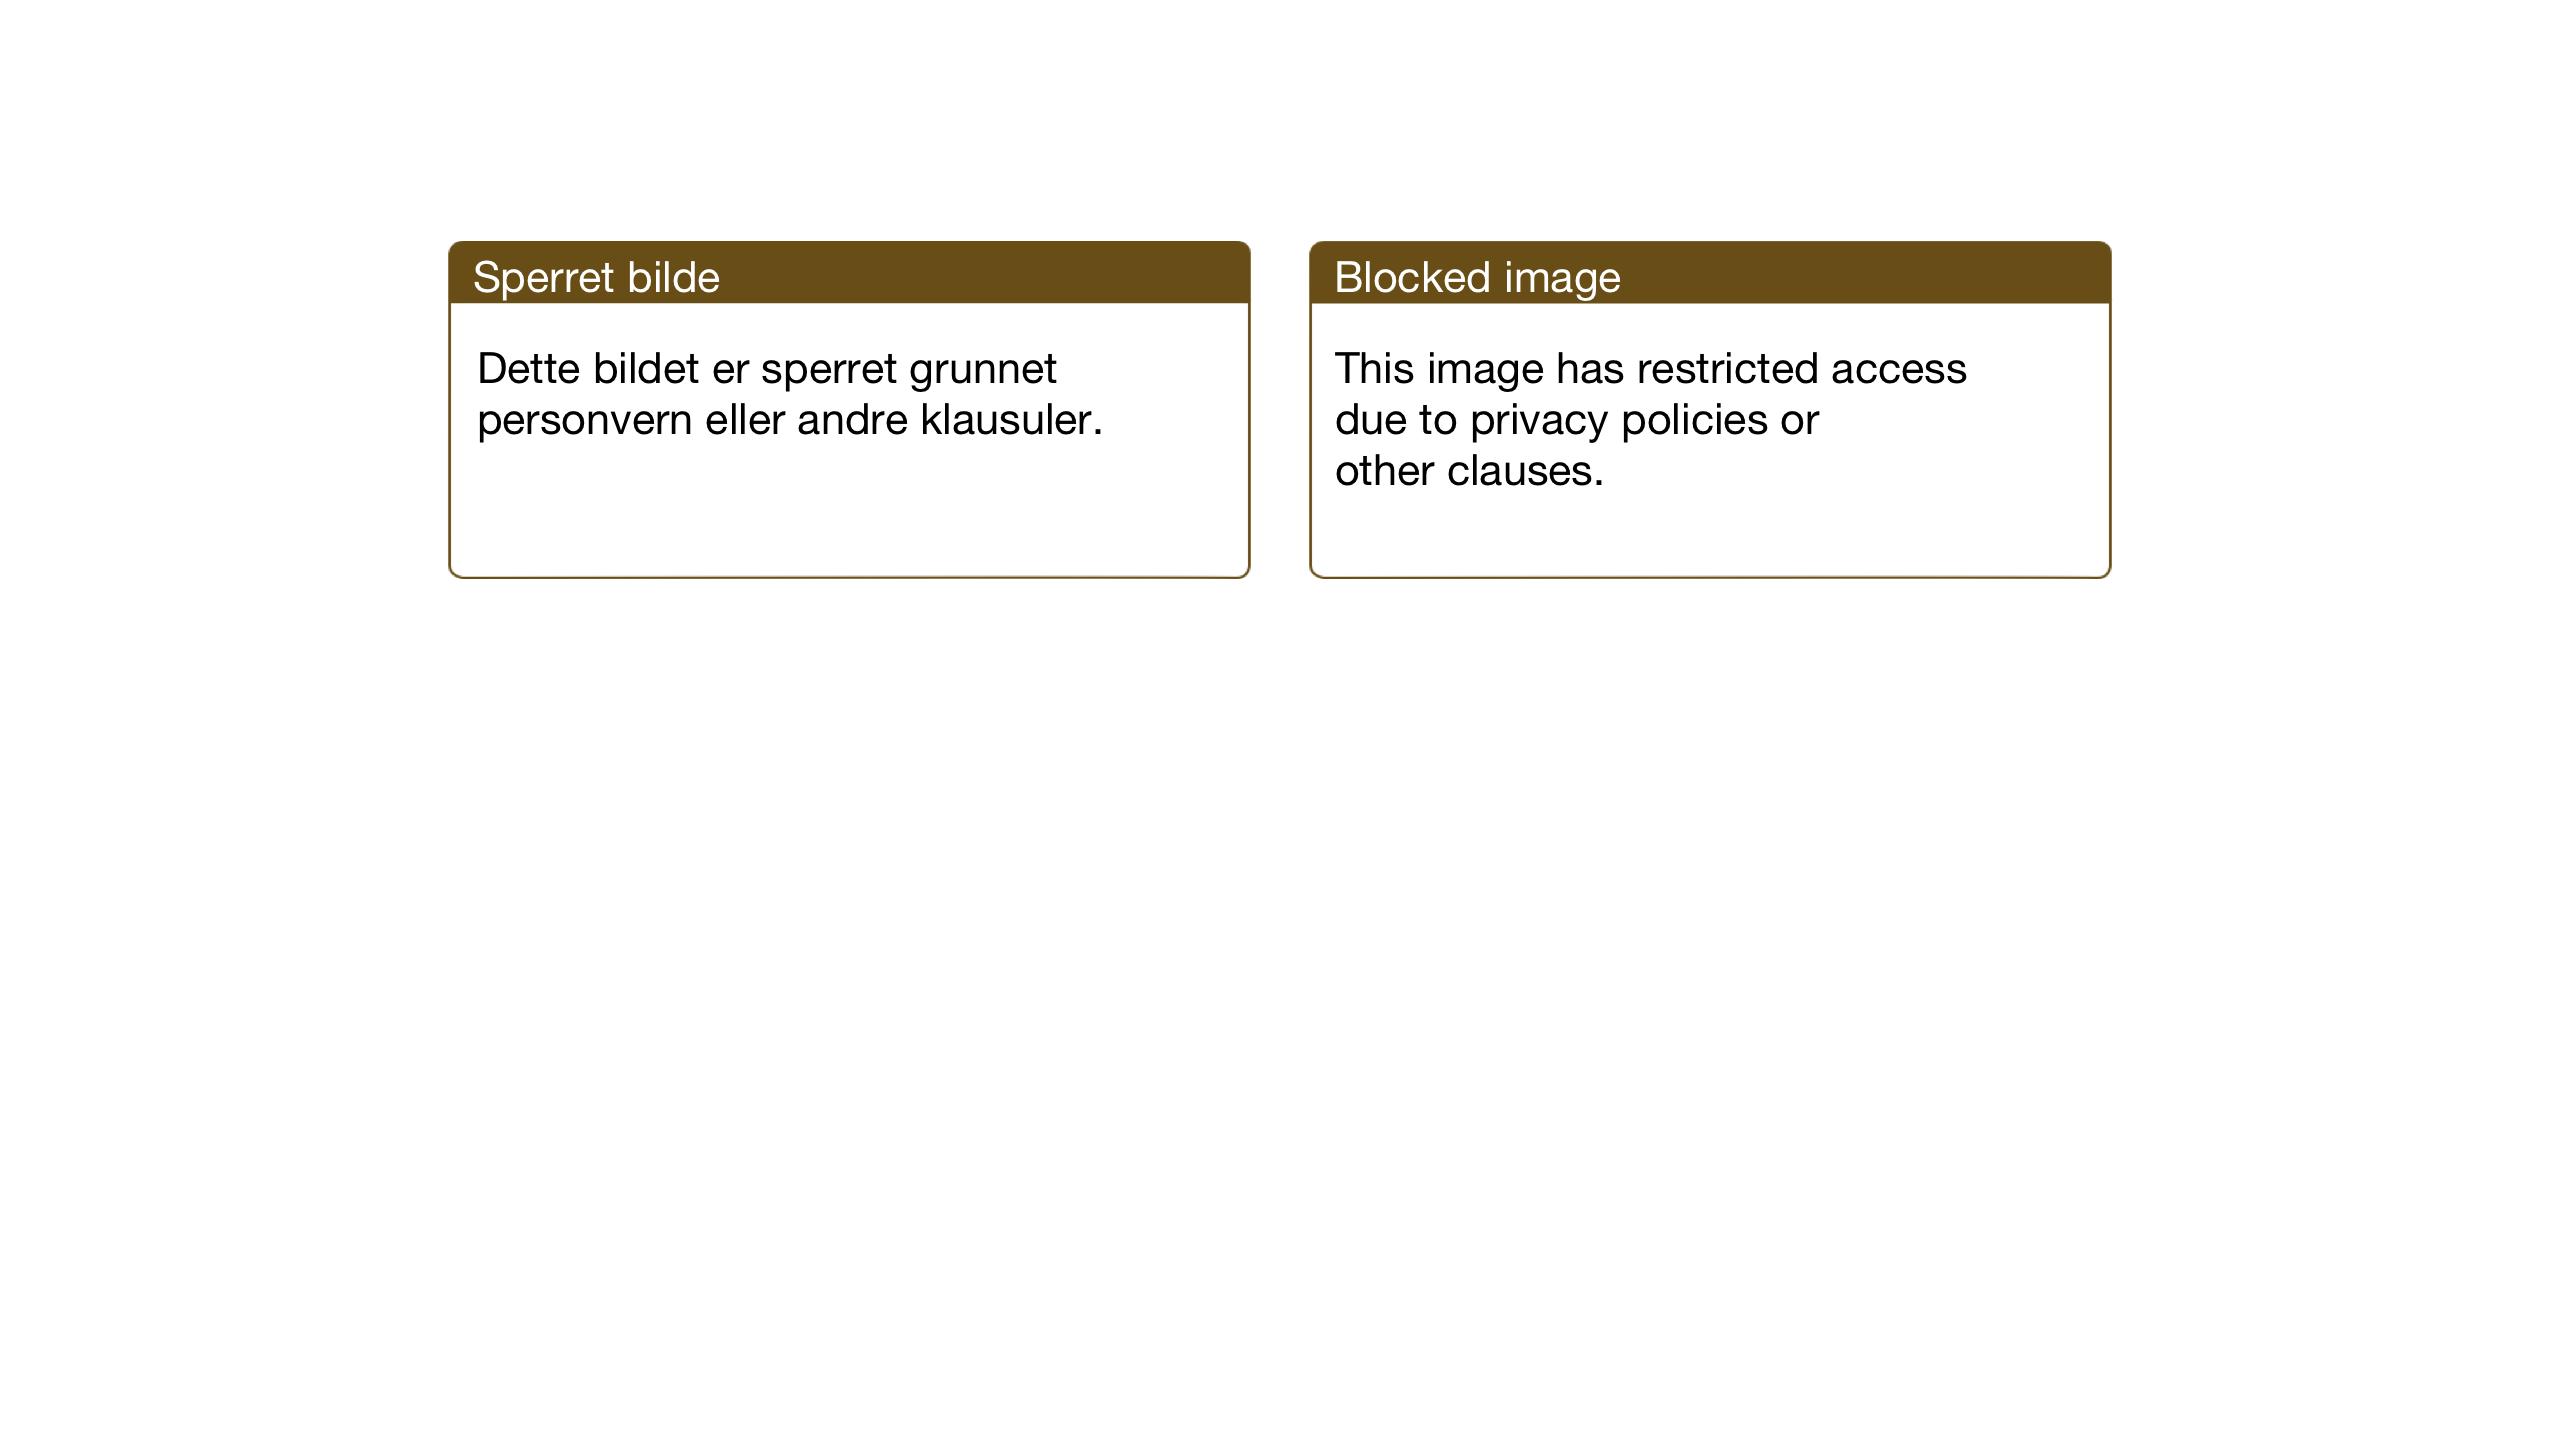 SAT, Ministerialprotokoller, klokkerbøker og fødselsregistre - Sør-Trøndelag, 635/L0554: Klokkerbok nr. 635C02, 1919-1942, s. 44